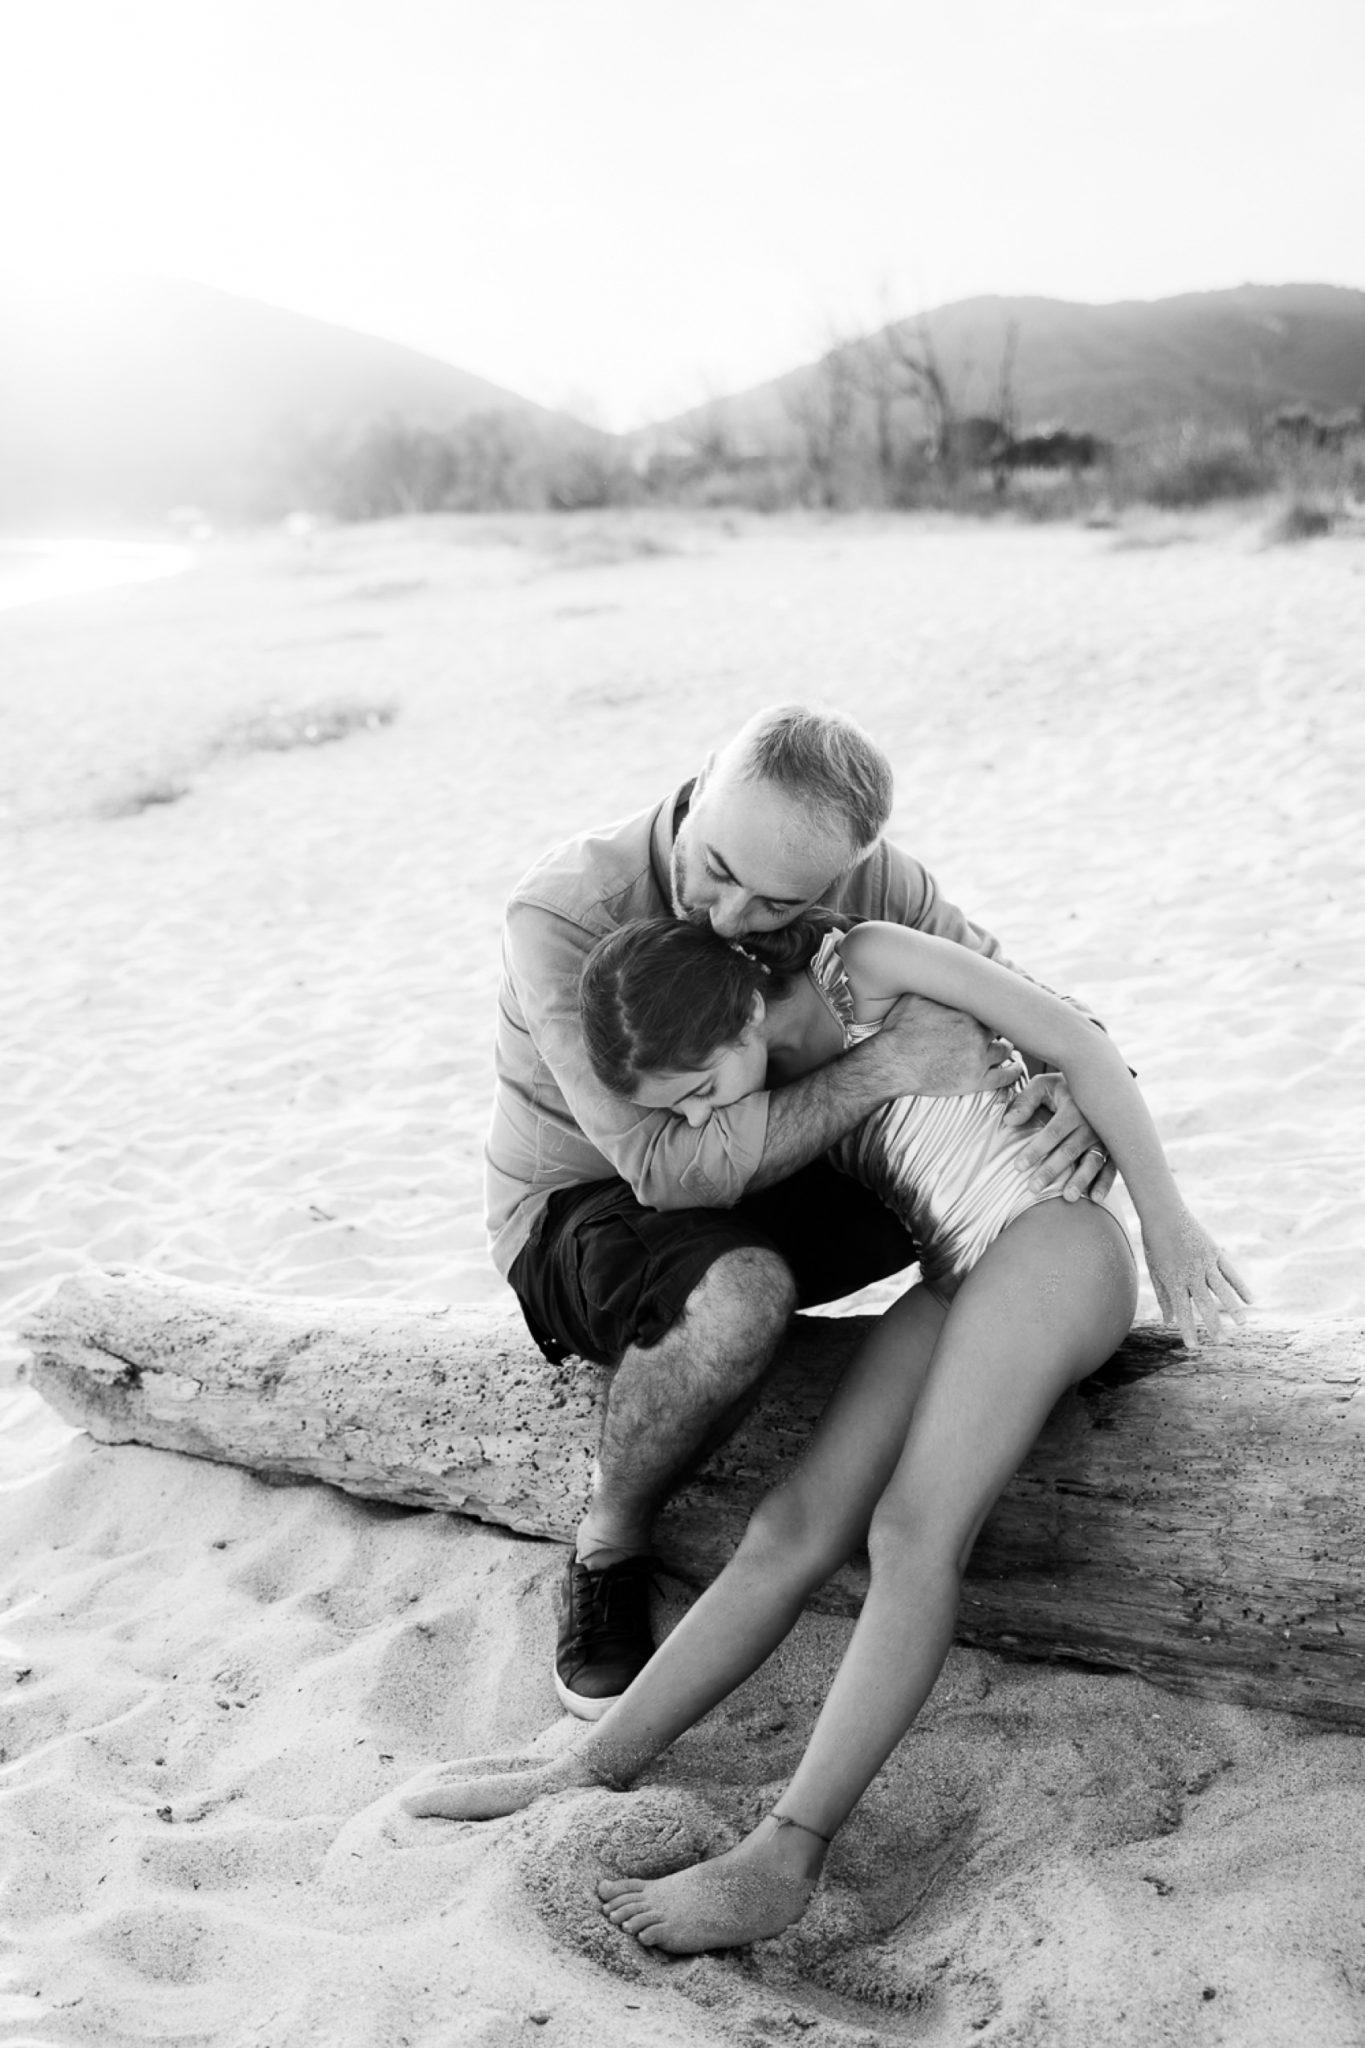 fotografo lifestyle alghero bianco e nero